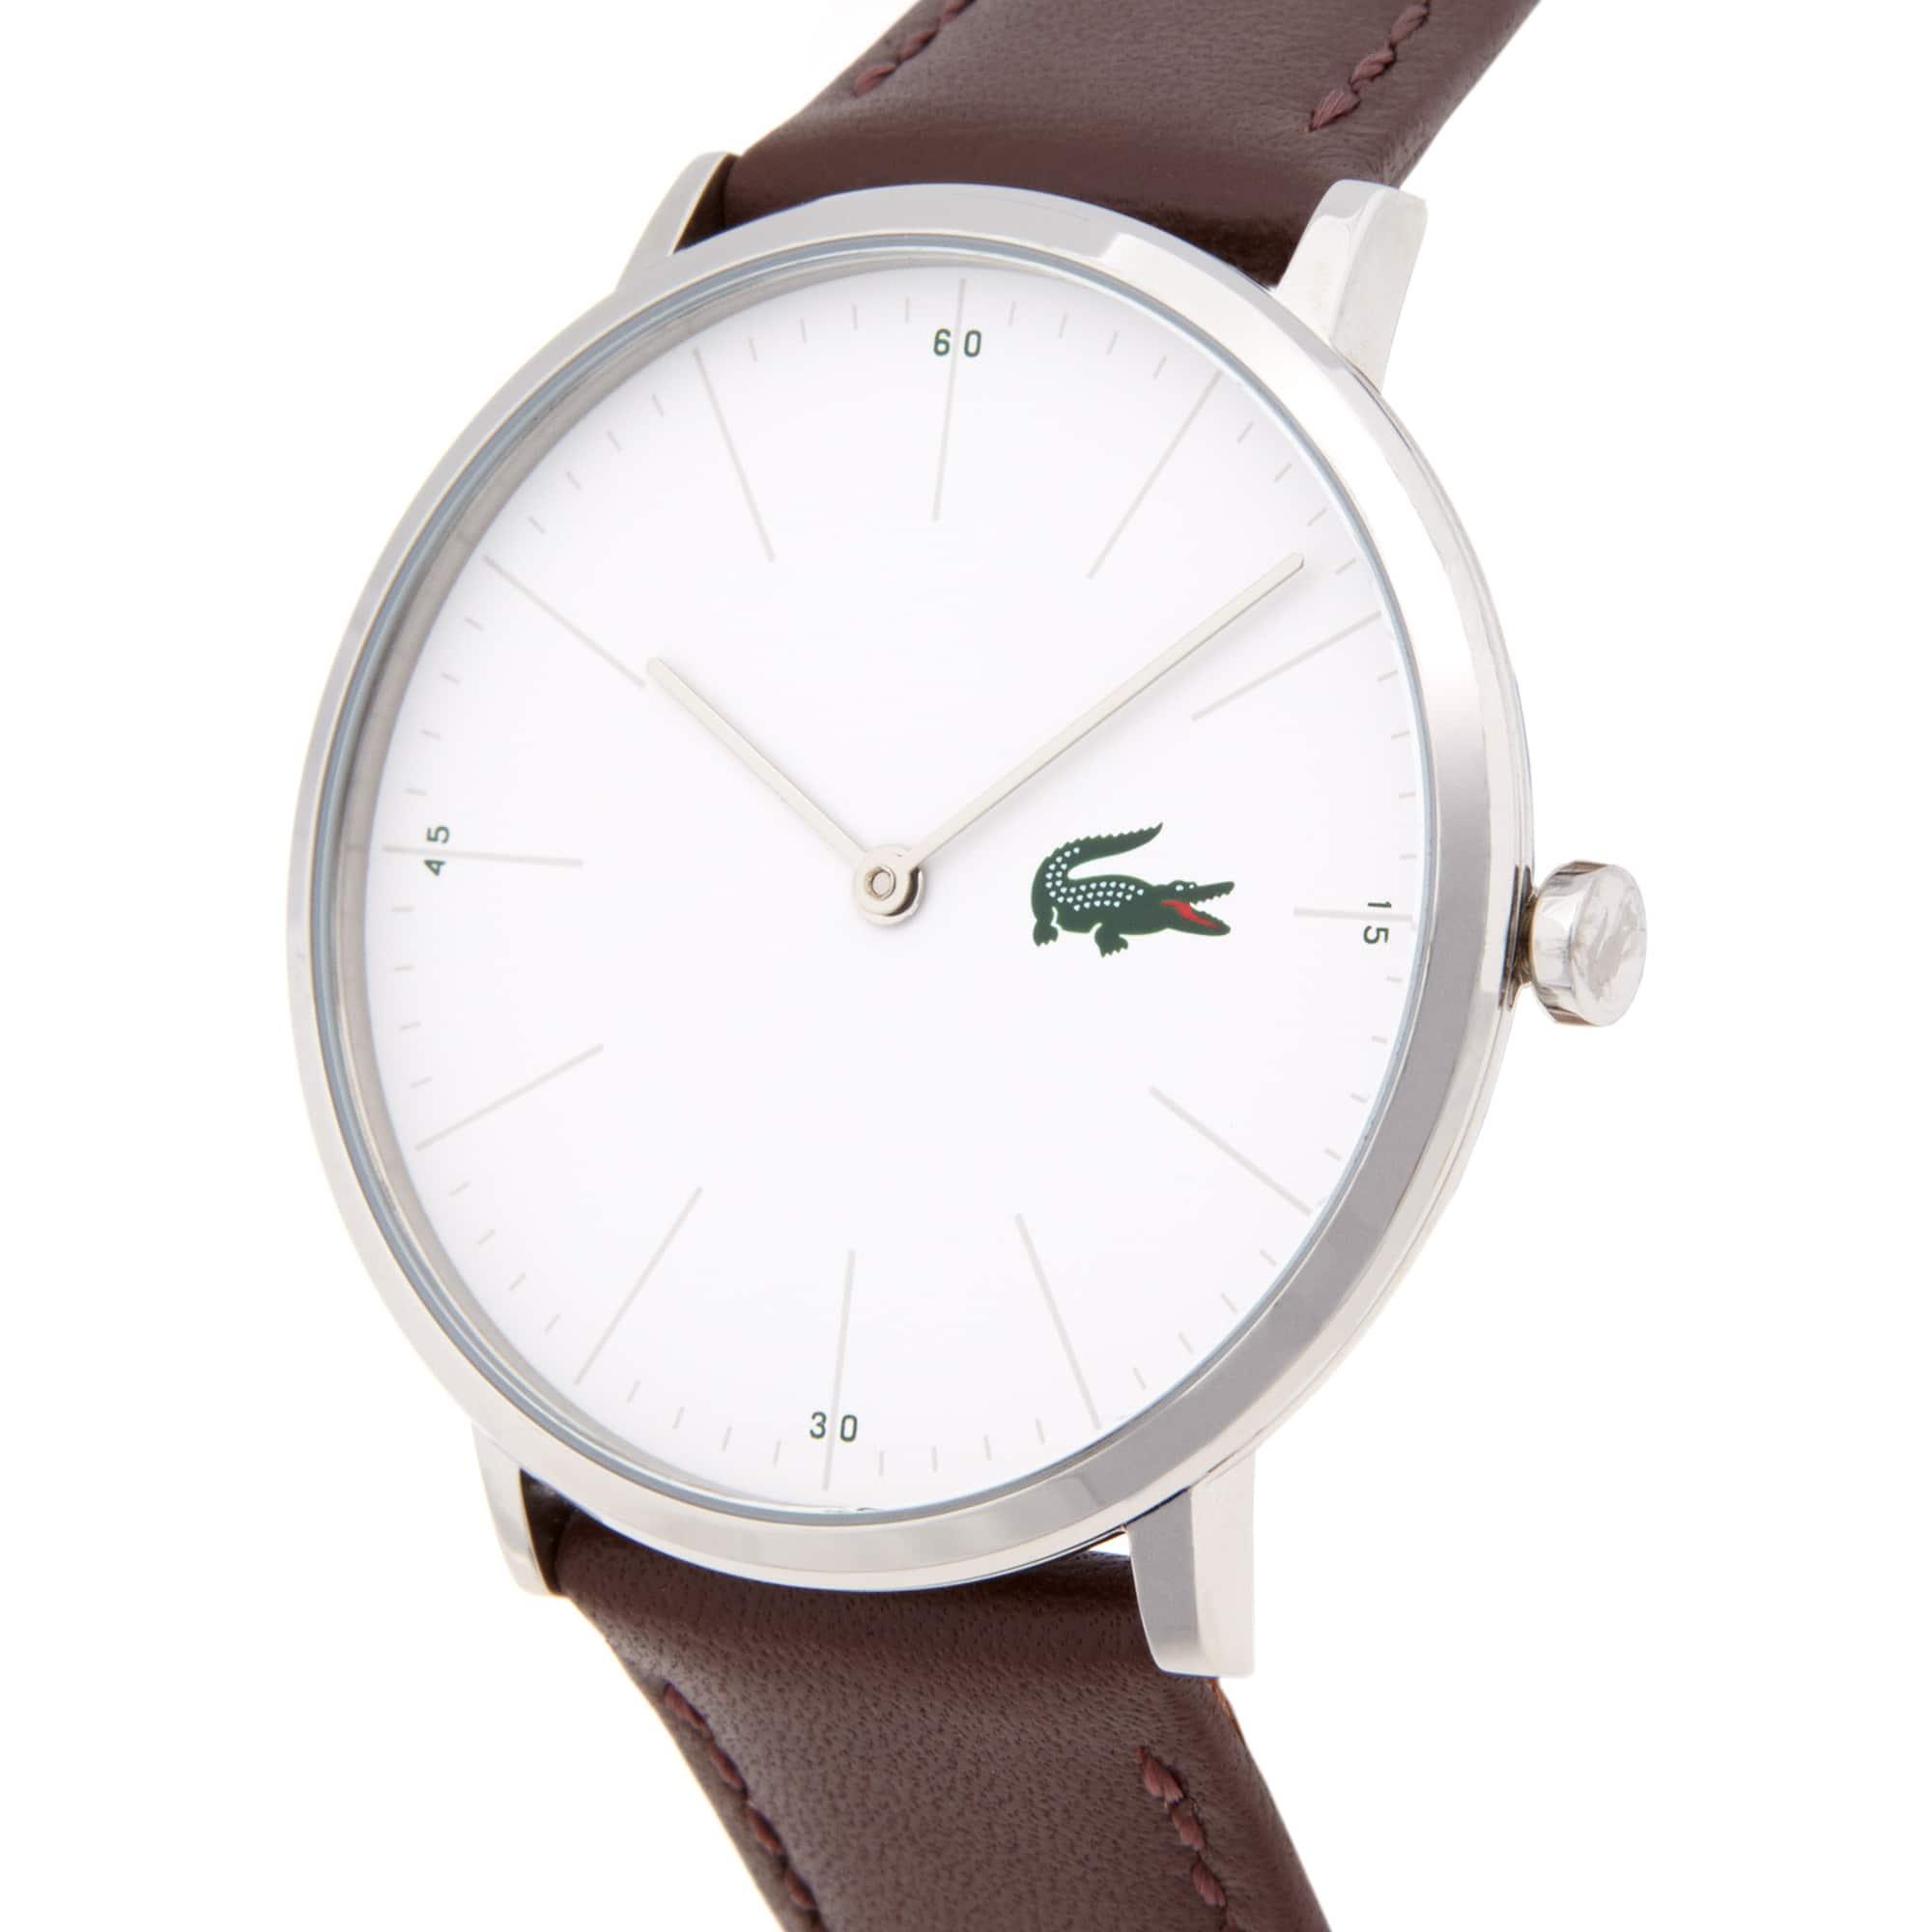 Relógio ultra slim Moon de homem com bracelete de pele castanha